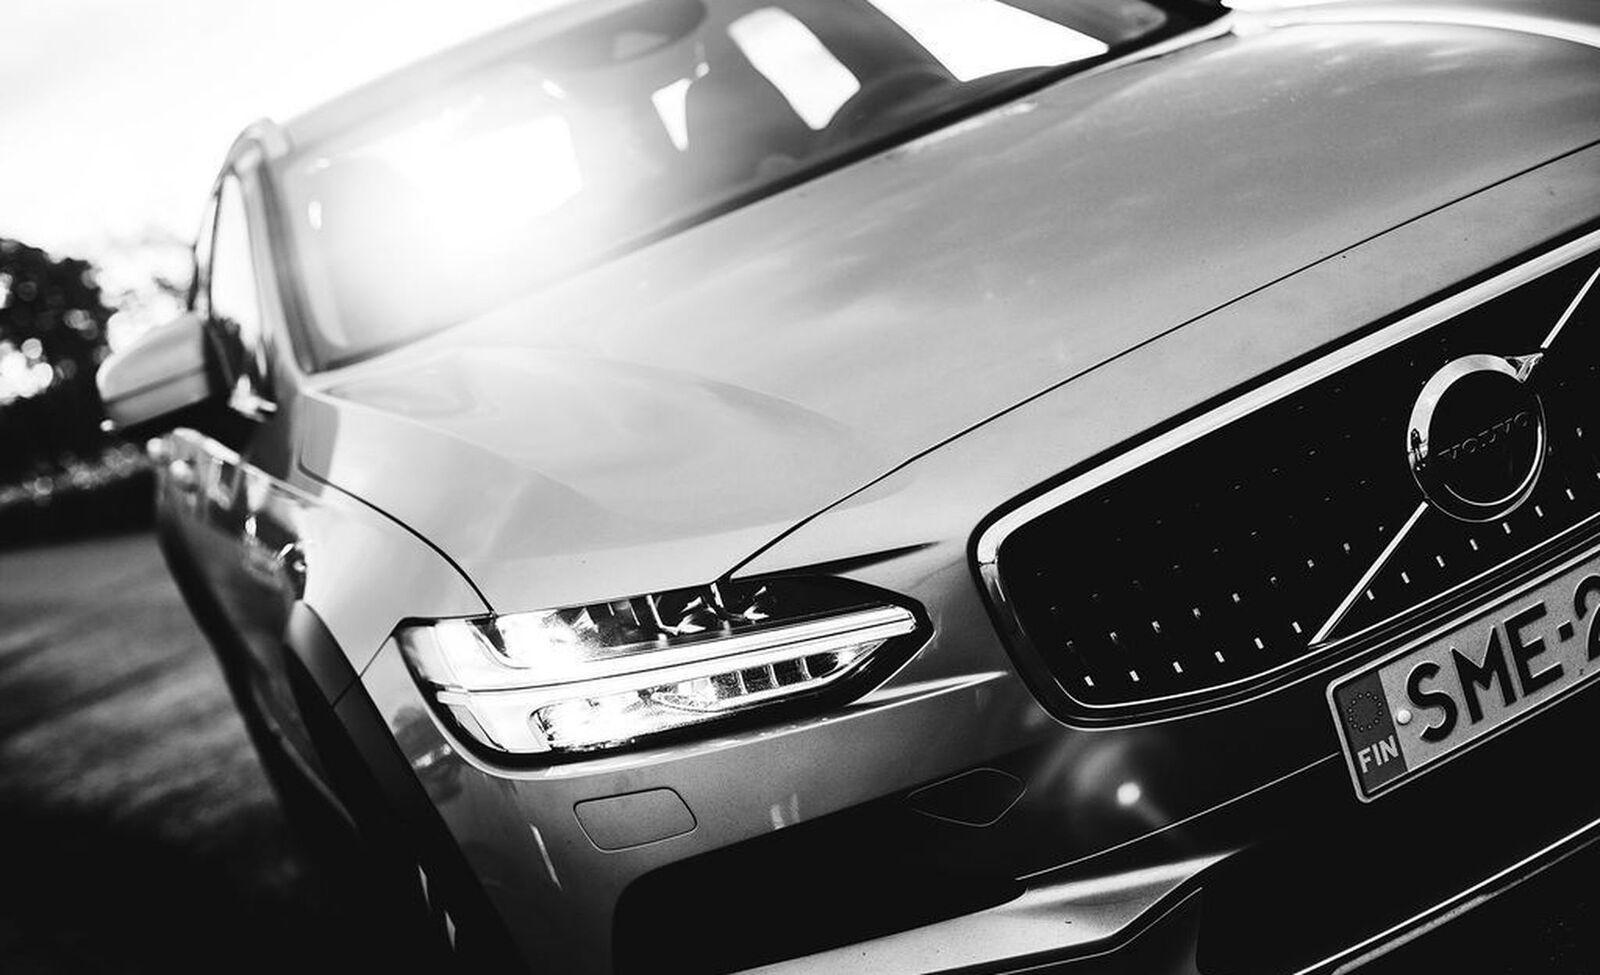 Suomen luotettavimmat vaihtoautot? Volvo Selekt tarjoaa pitkän takuun